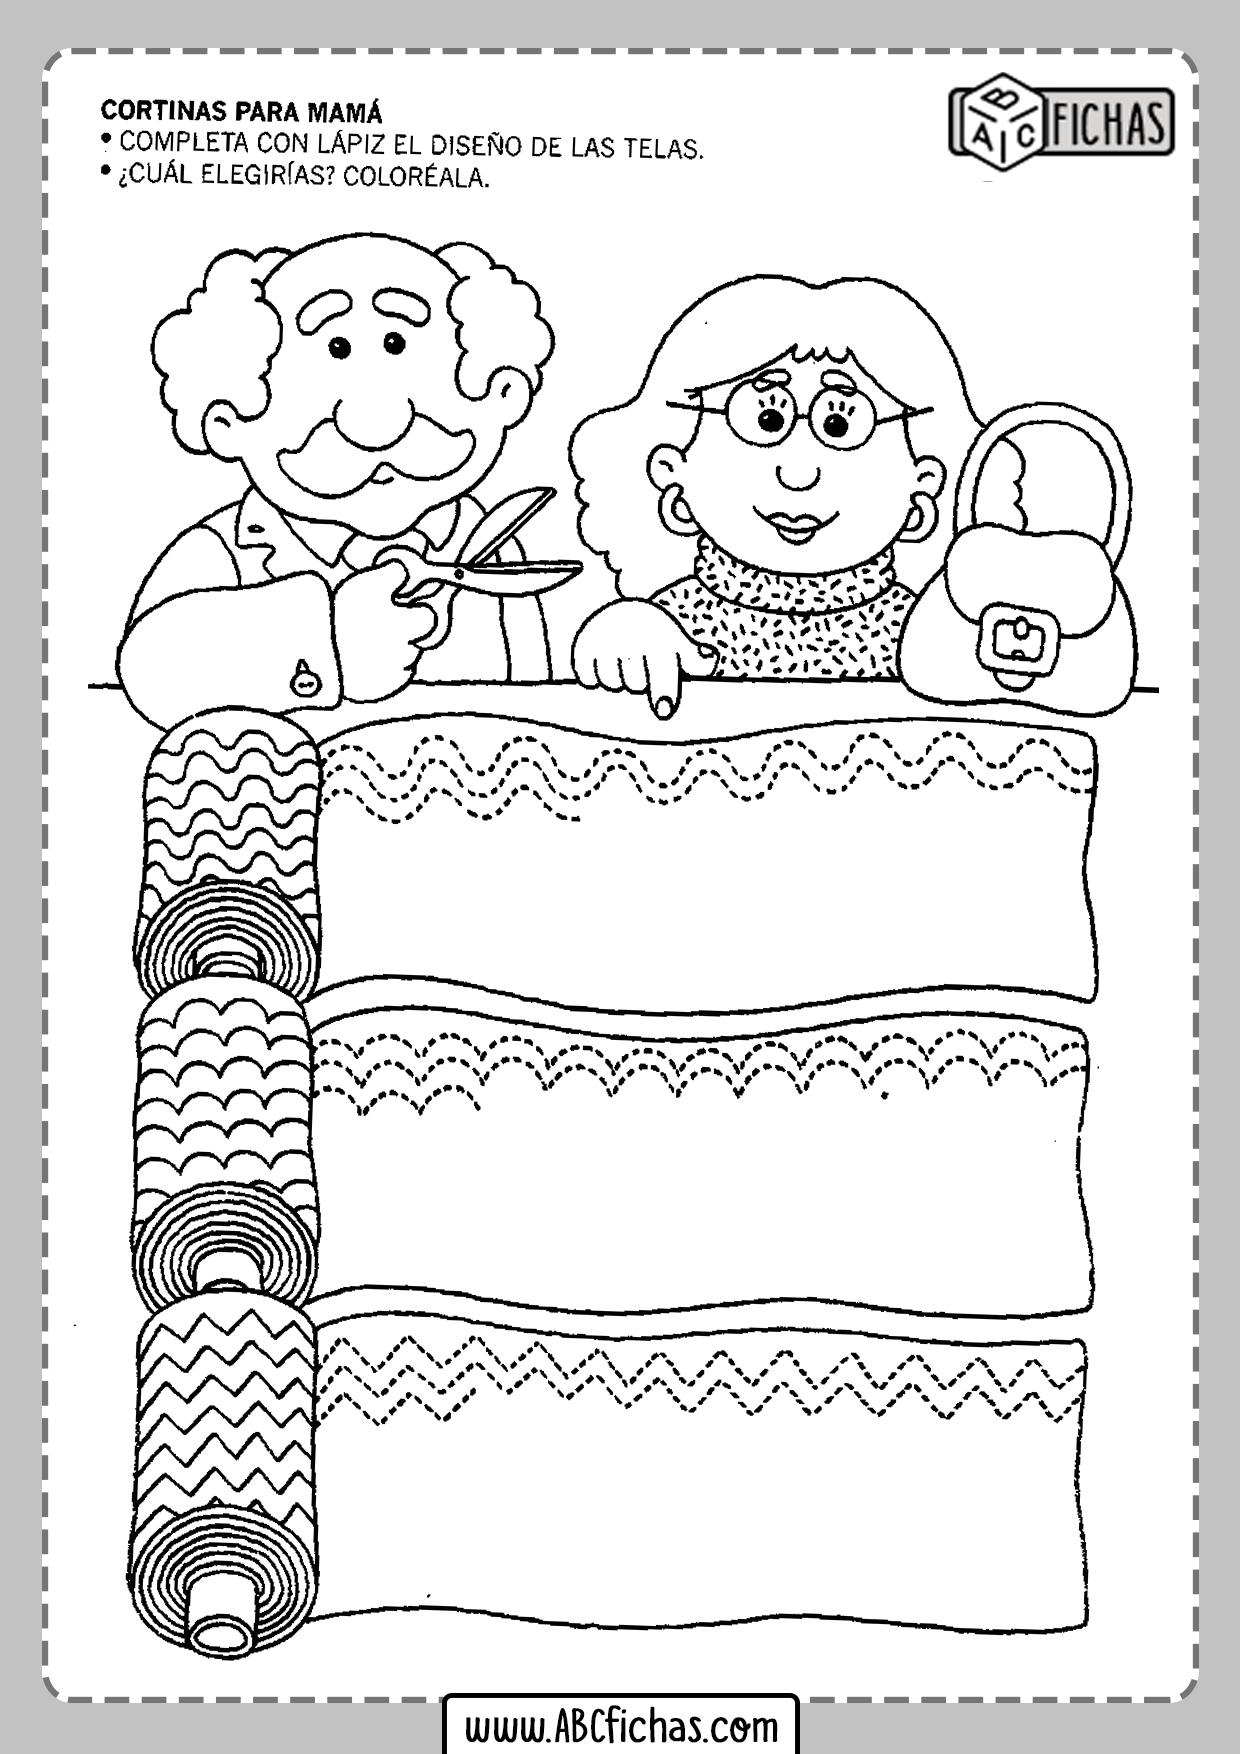 Fichas para niños de 3 4 y 5 años